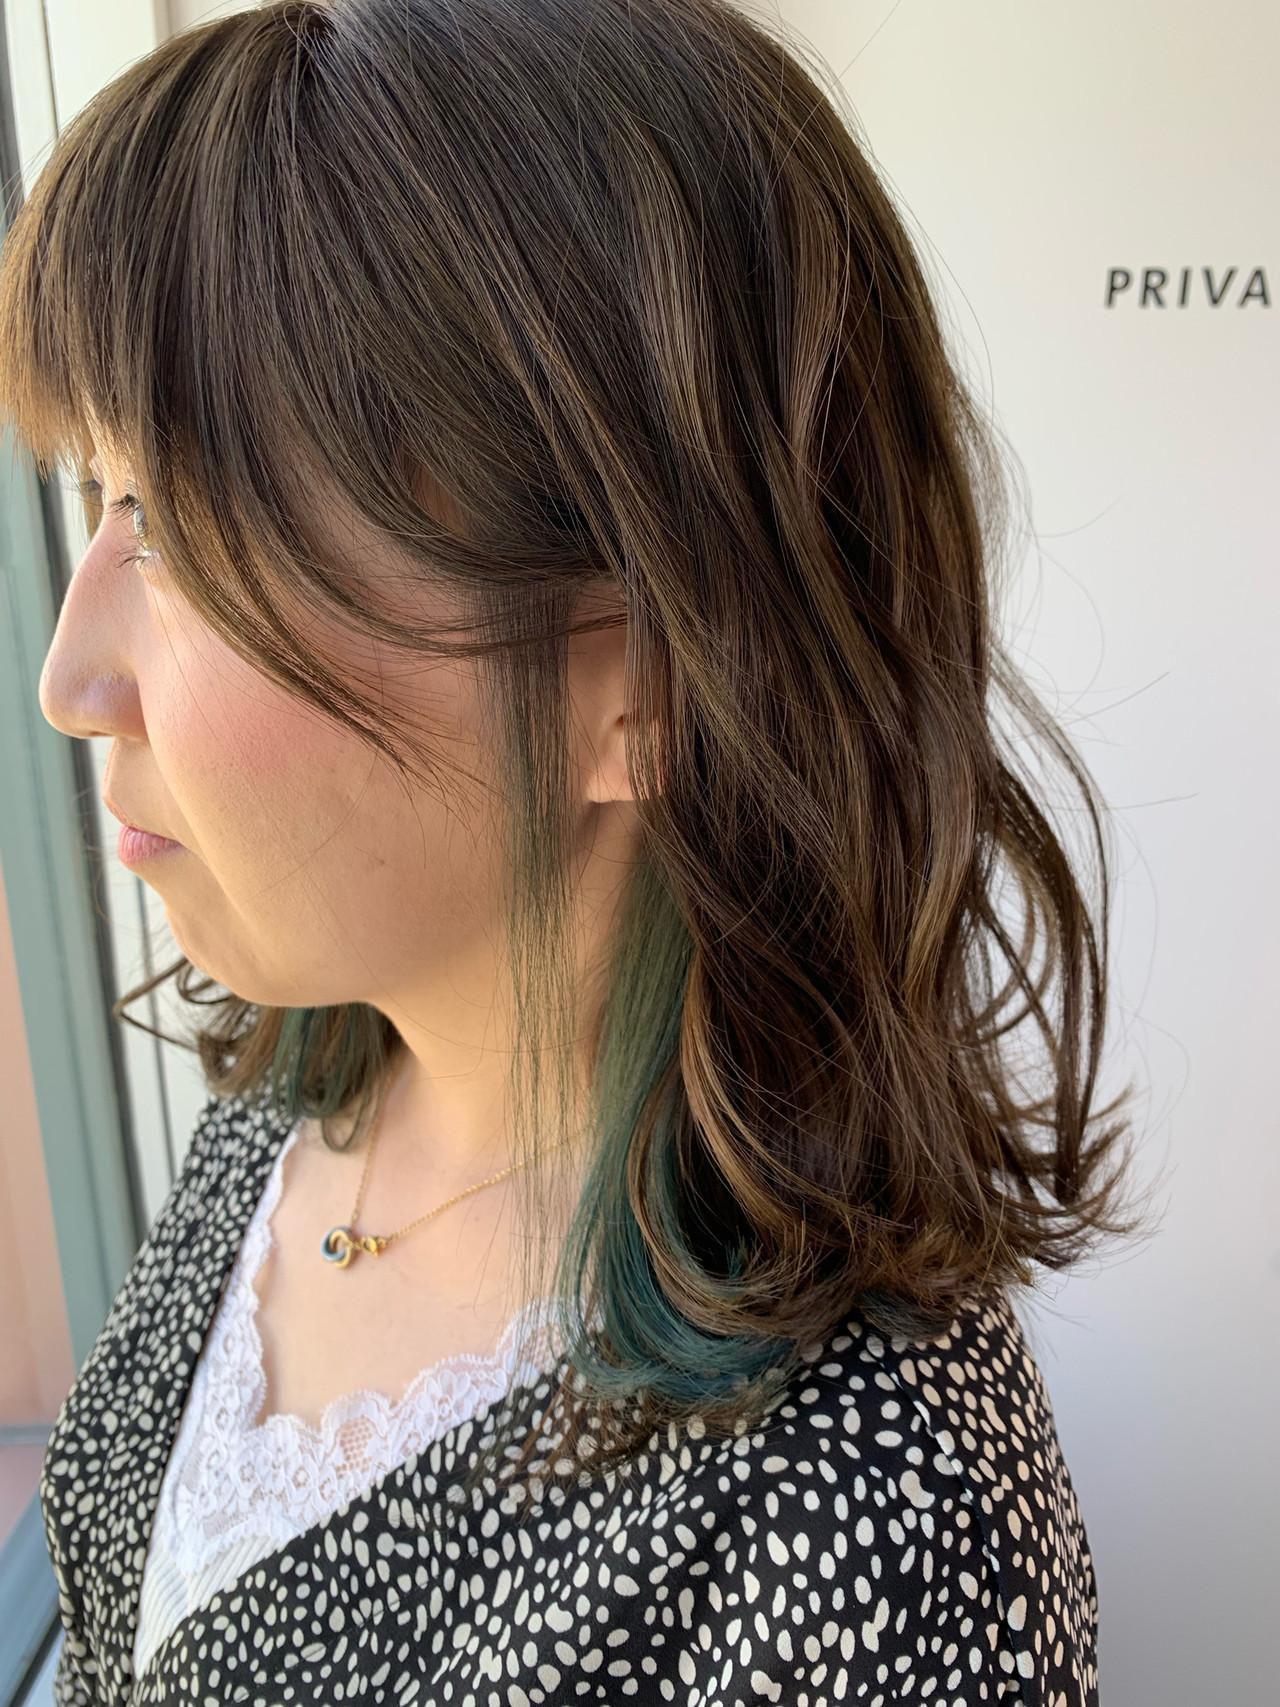 オリーブグレージュ 大人カジュアル インナーカラー カーキアッシュ ヘアスタイルや髪型の写真・画像